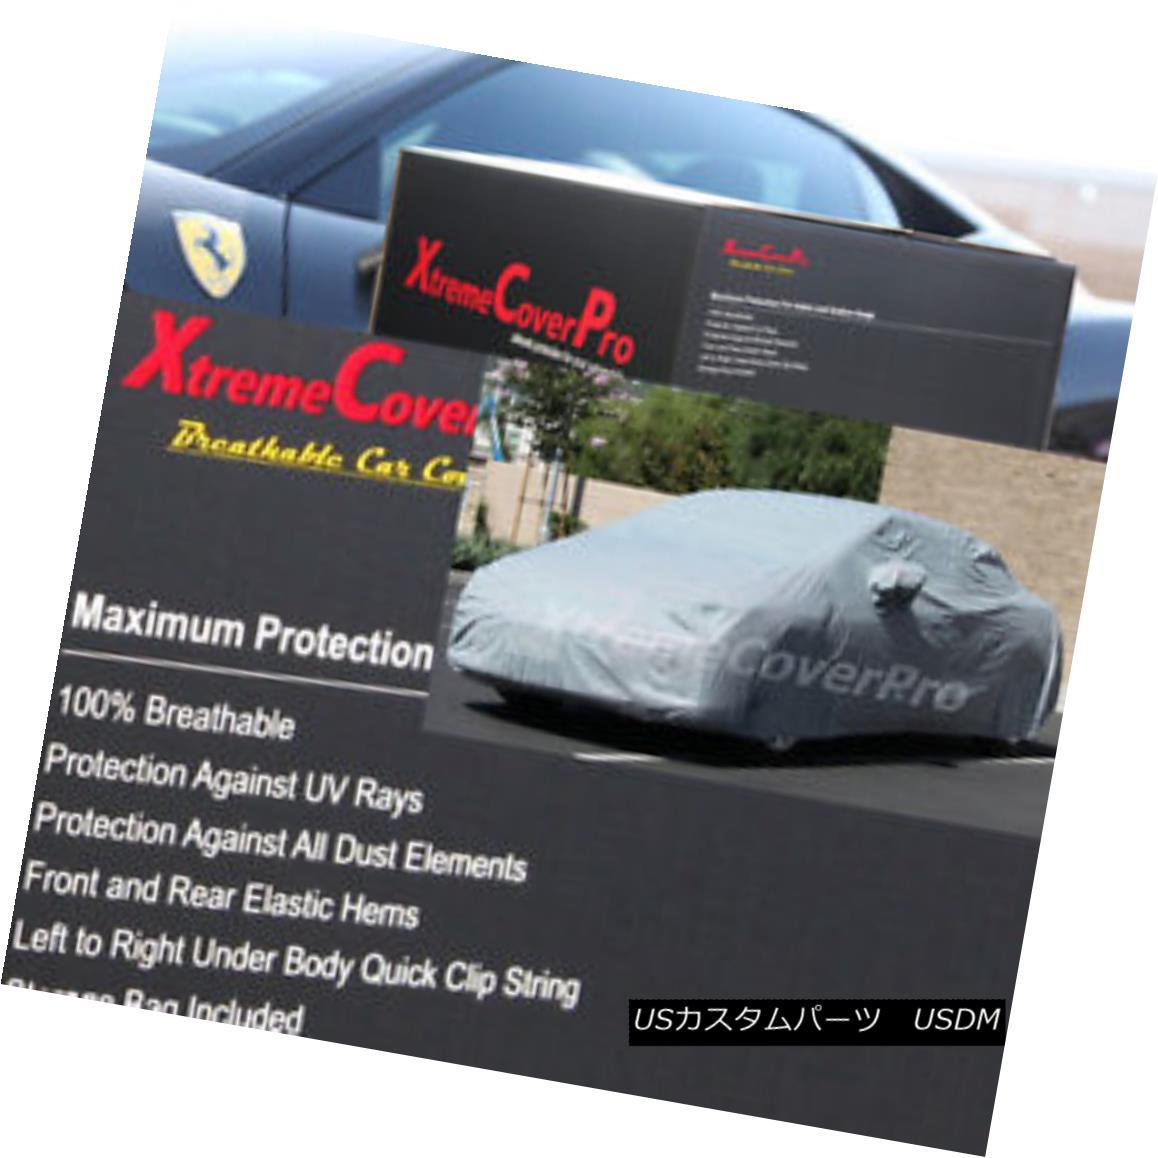 カーカバー 2005 2006 2007 2008 2009 Ford Mustang Coupe Breathable Car Cover w/MirrorPocket 2005年2006年2007年2008年2009年フォード・ムスタング・クーペ通気性車カバー/ MirrorPocket